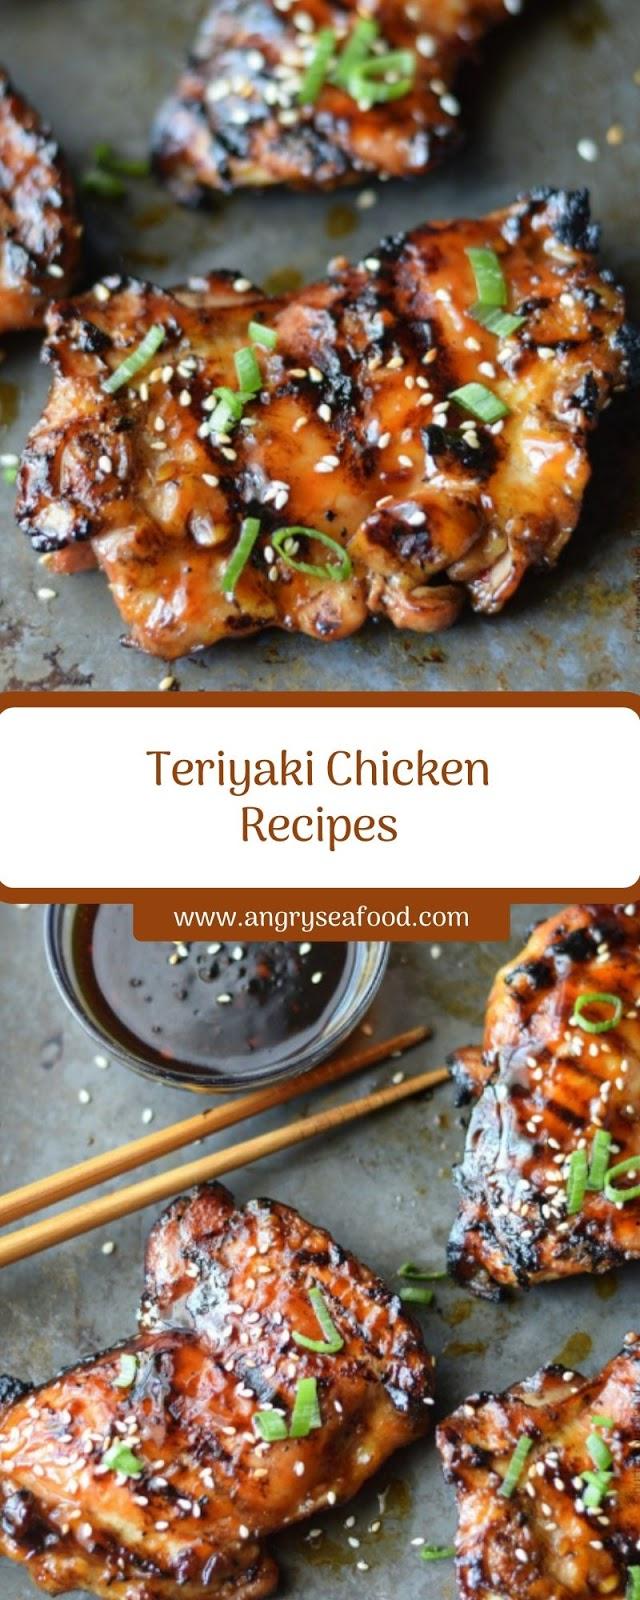 Teriyaki Chicken Recipes